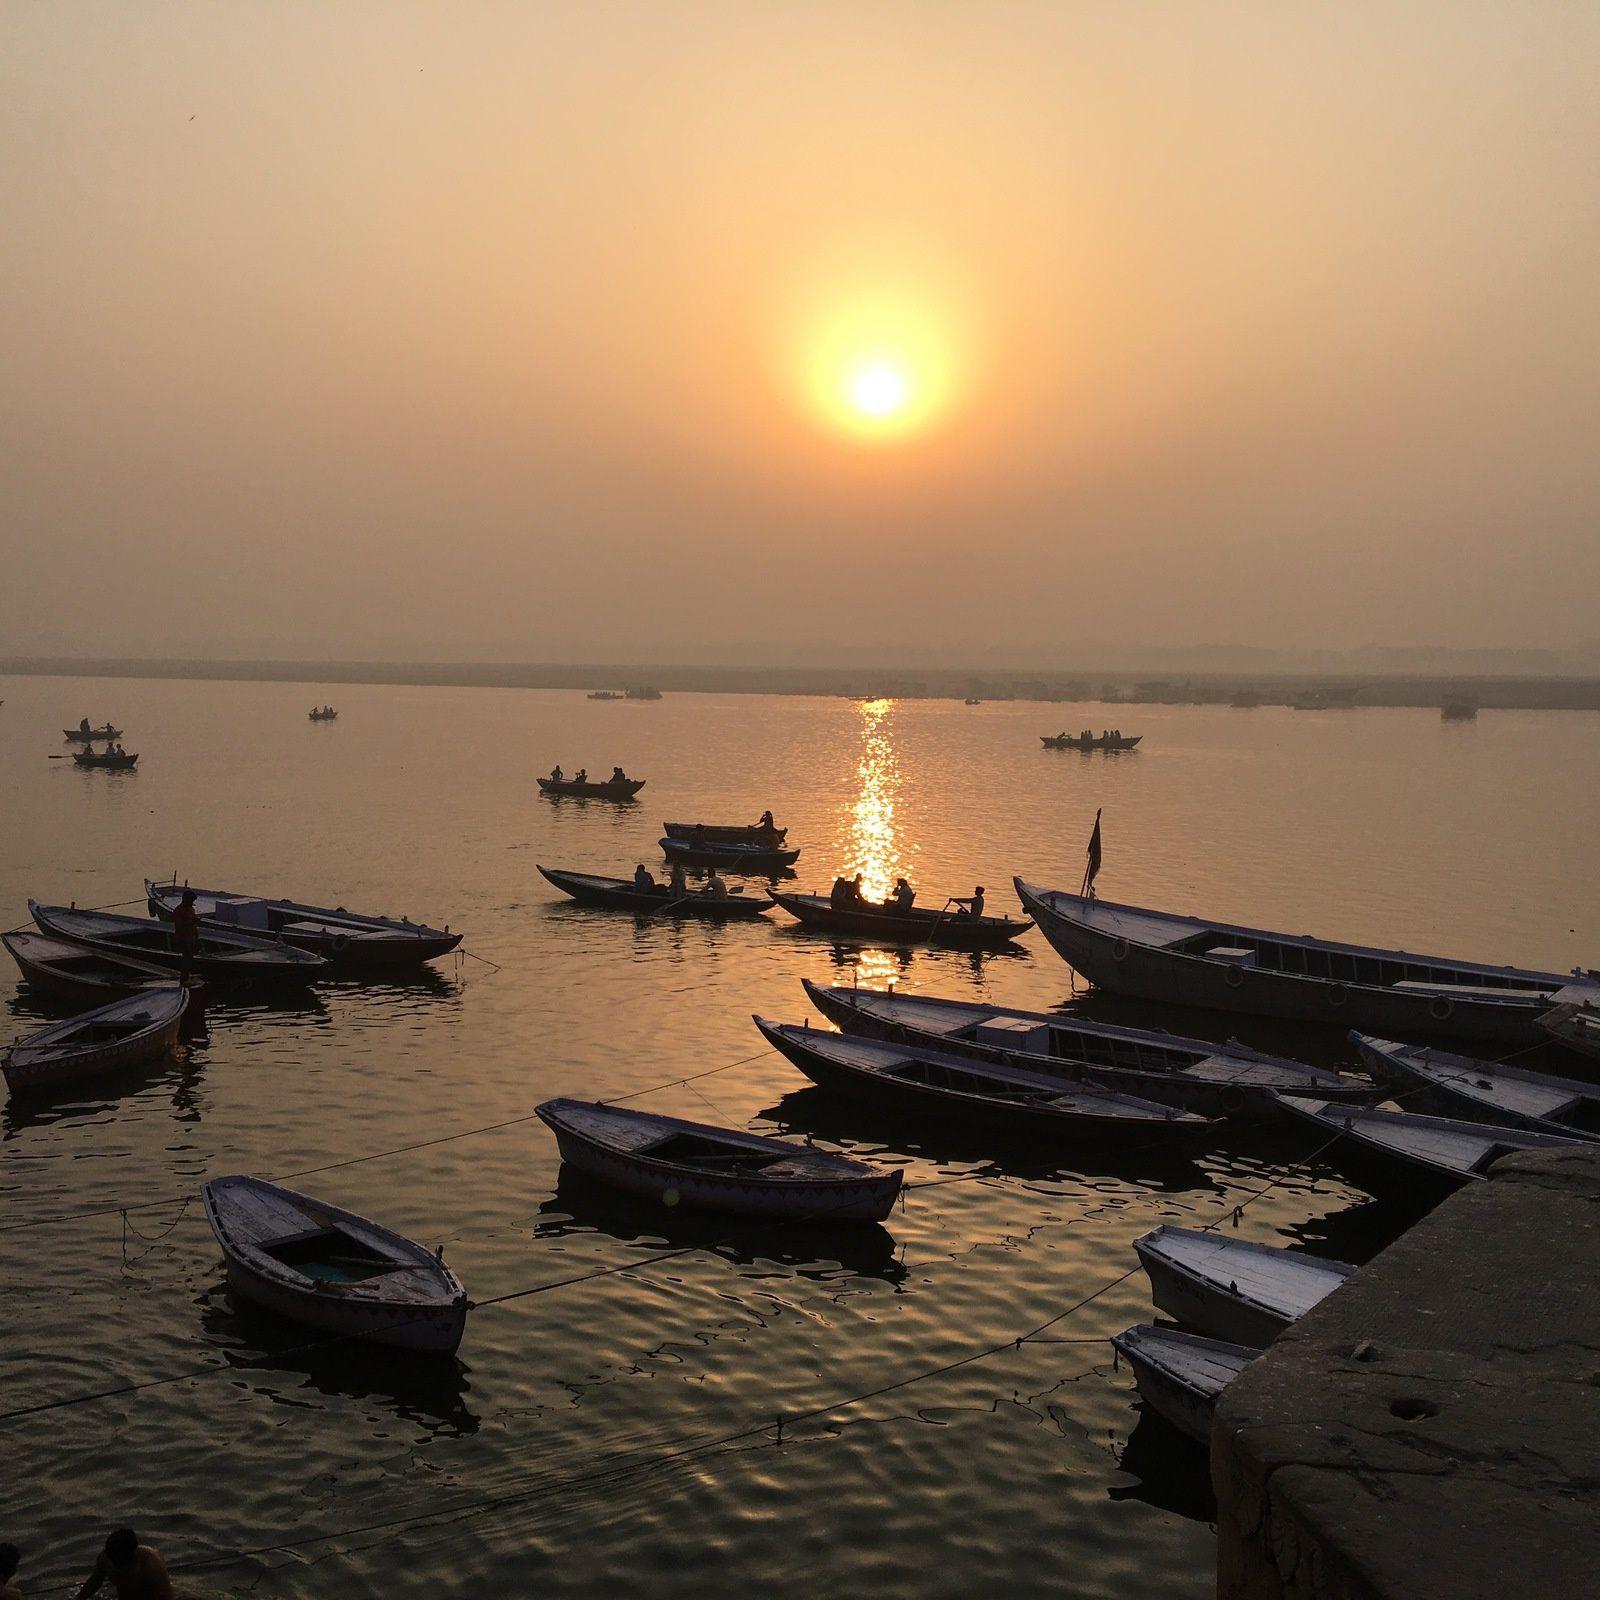 Le soleil sur le Gange, comme la promesse d'un nouveau jour !